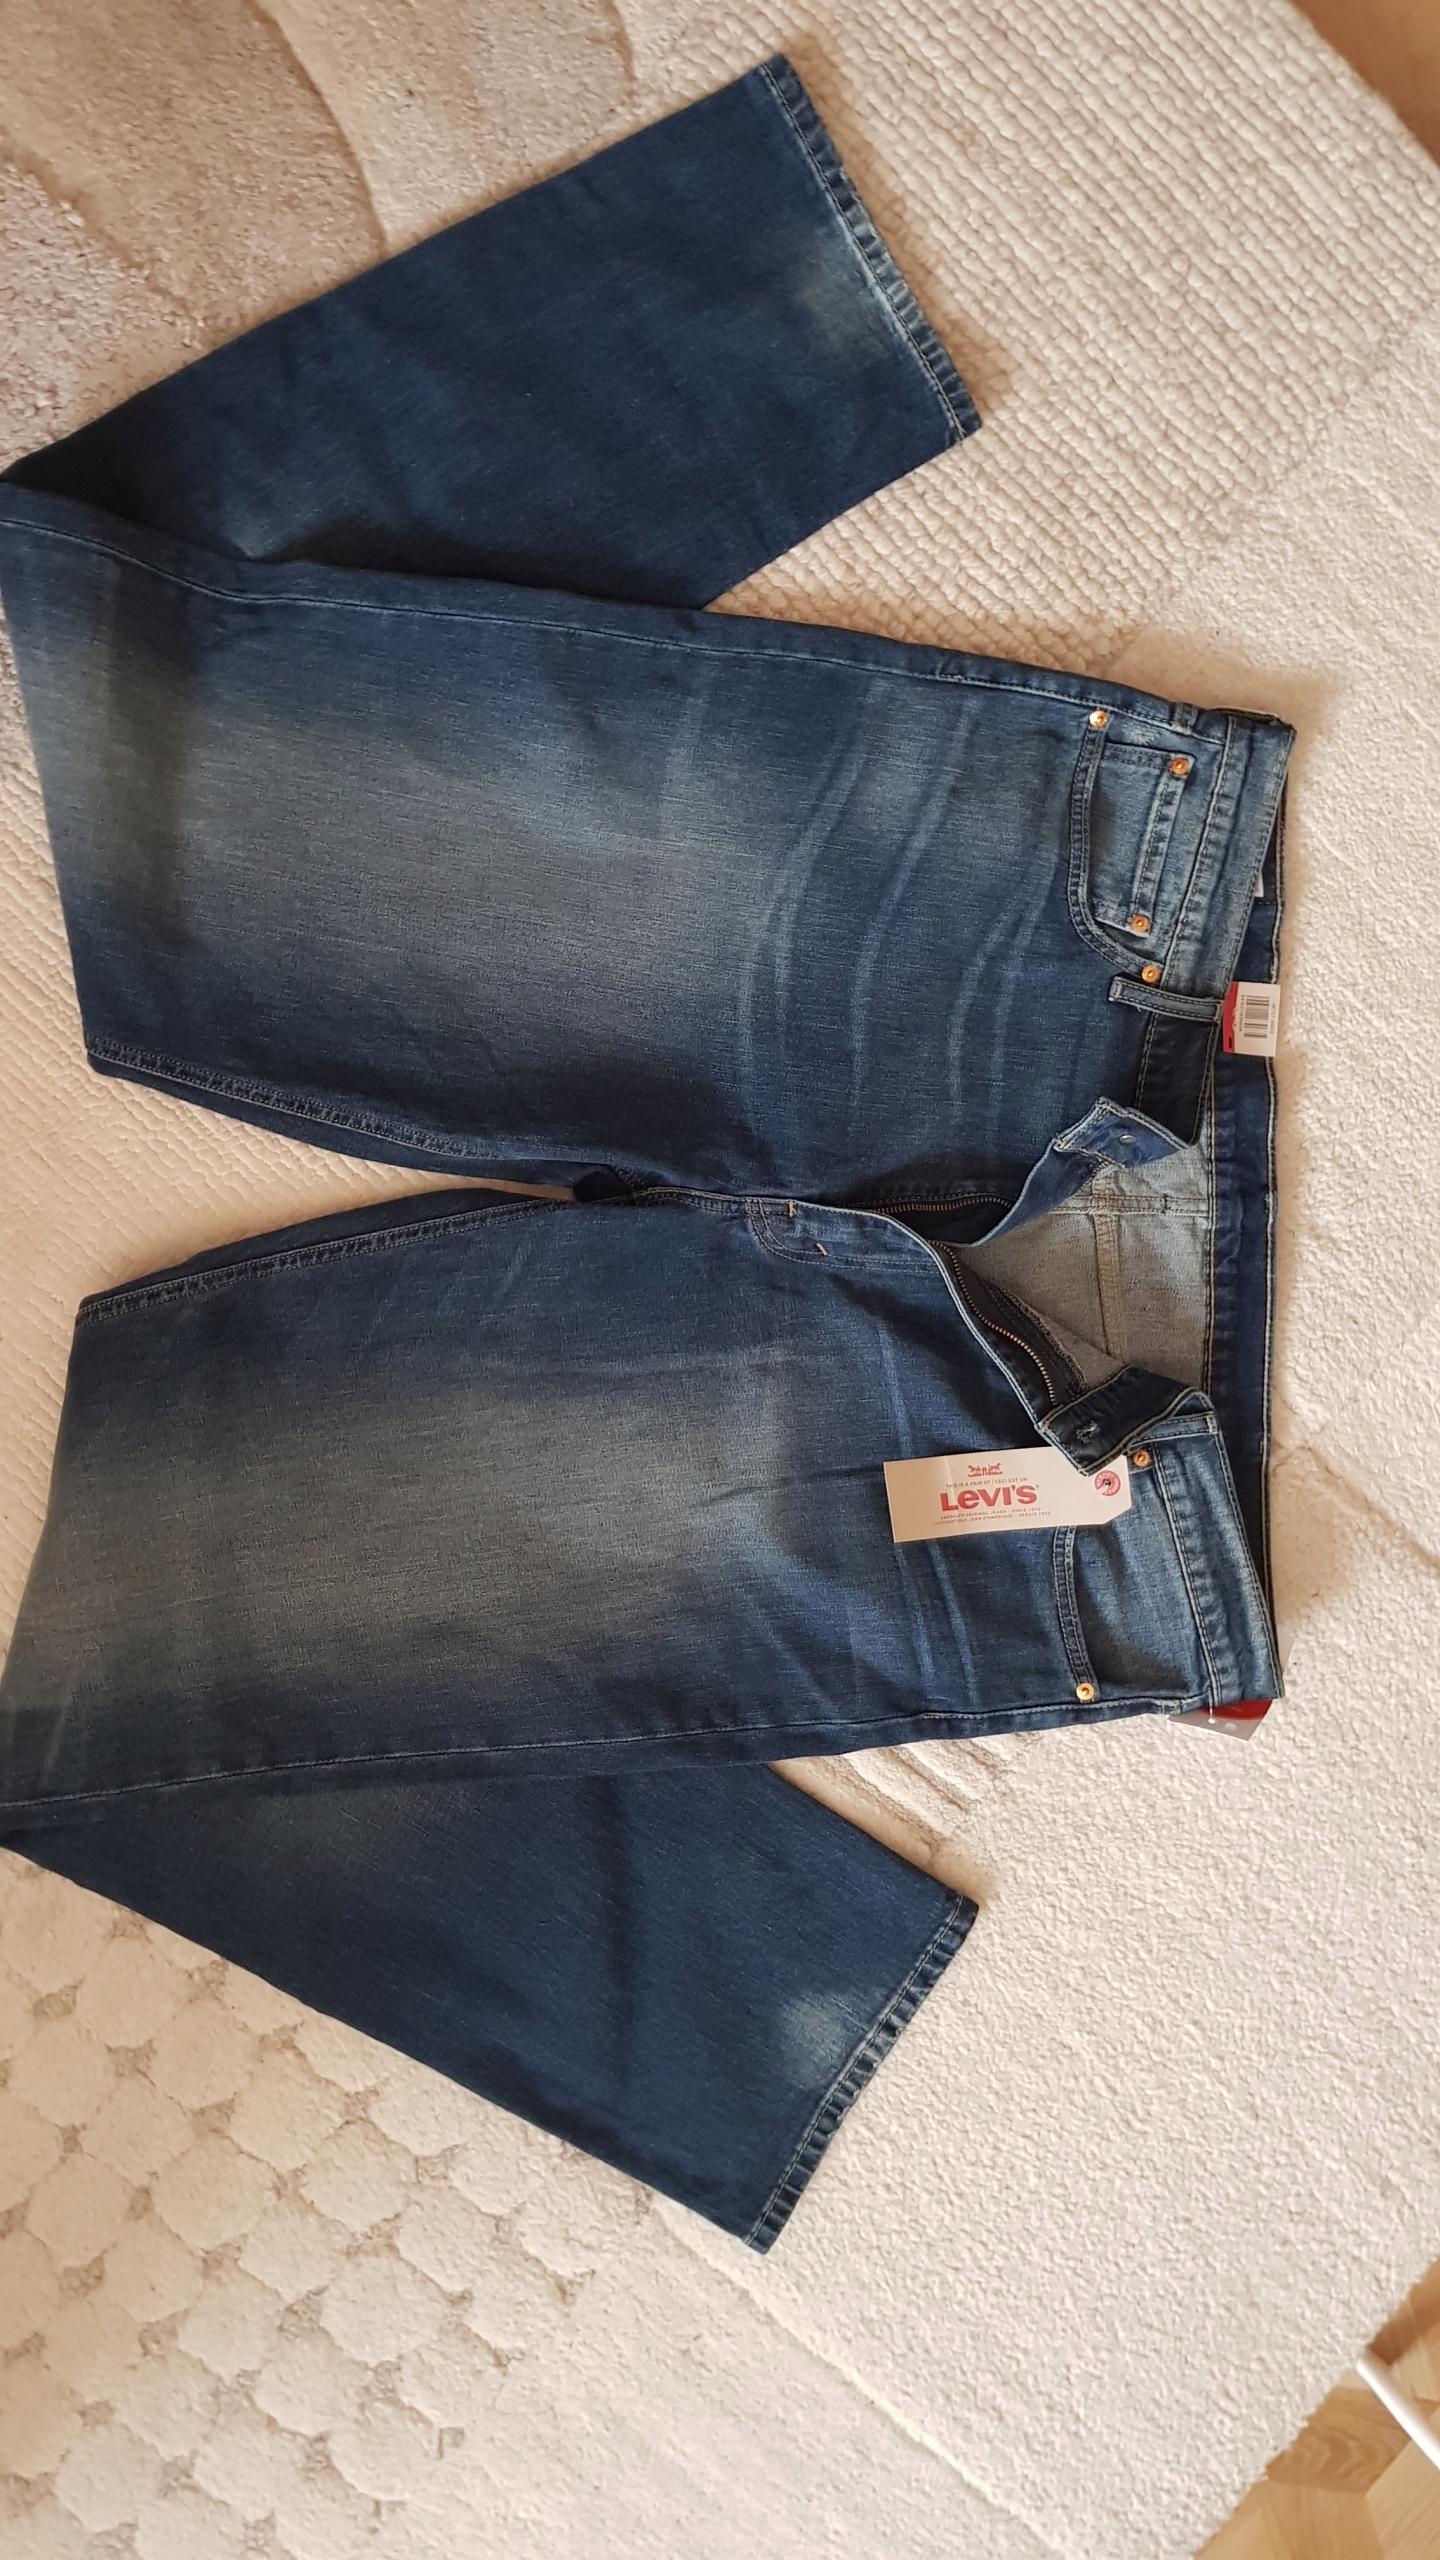 jeans Levis 541 dla duzego męzczyzny 42/38